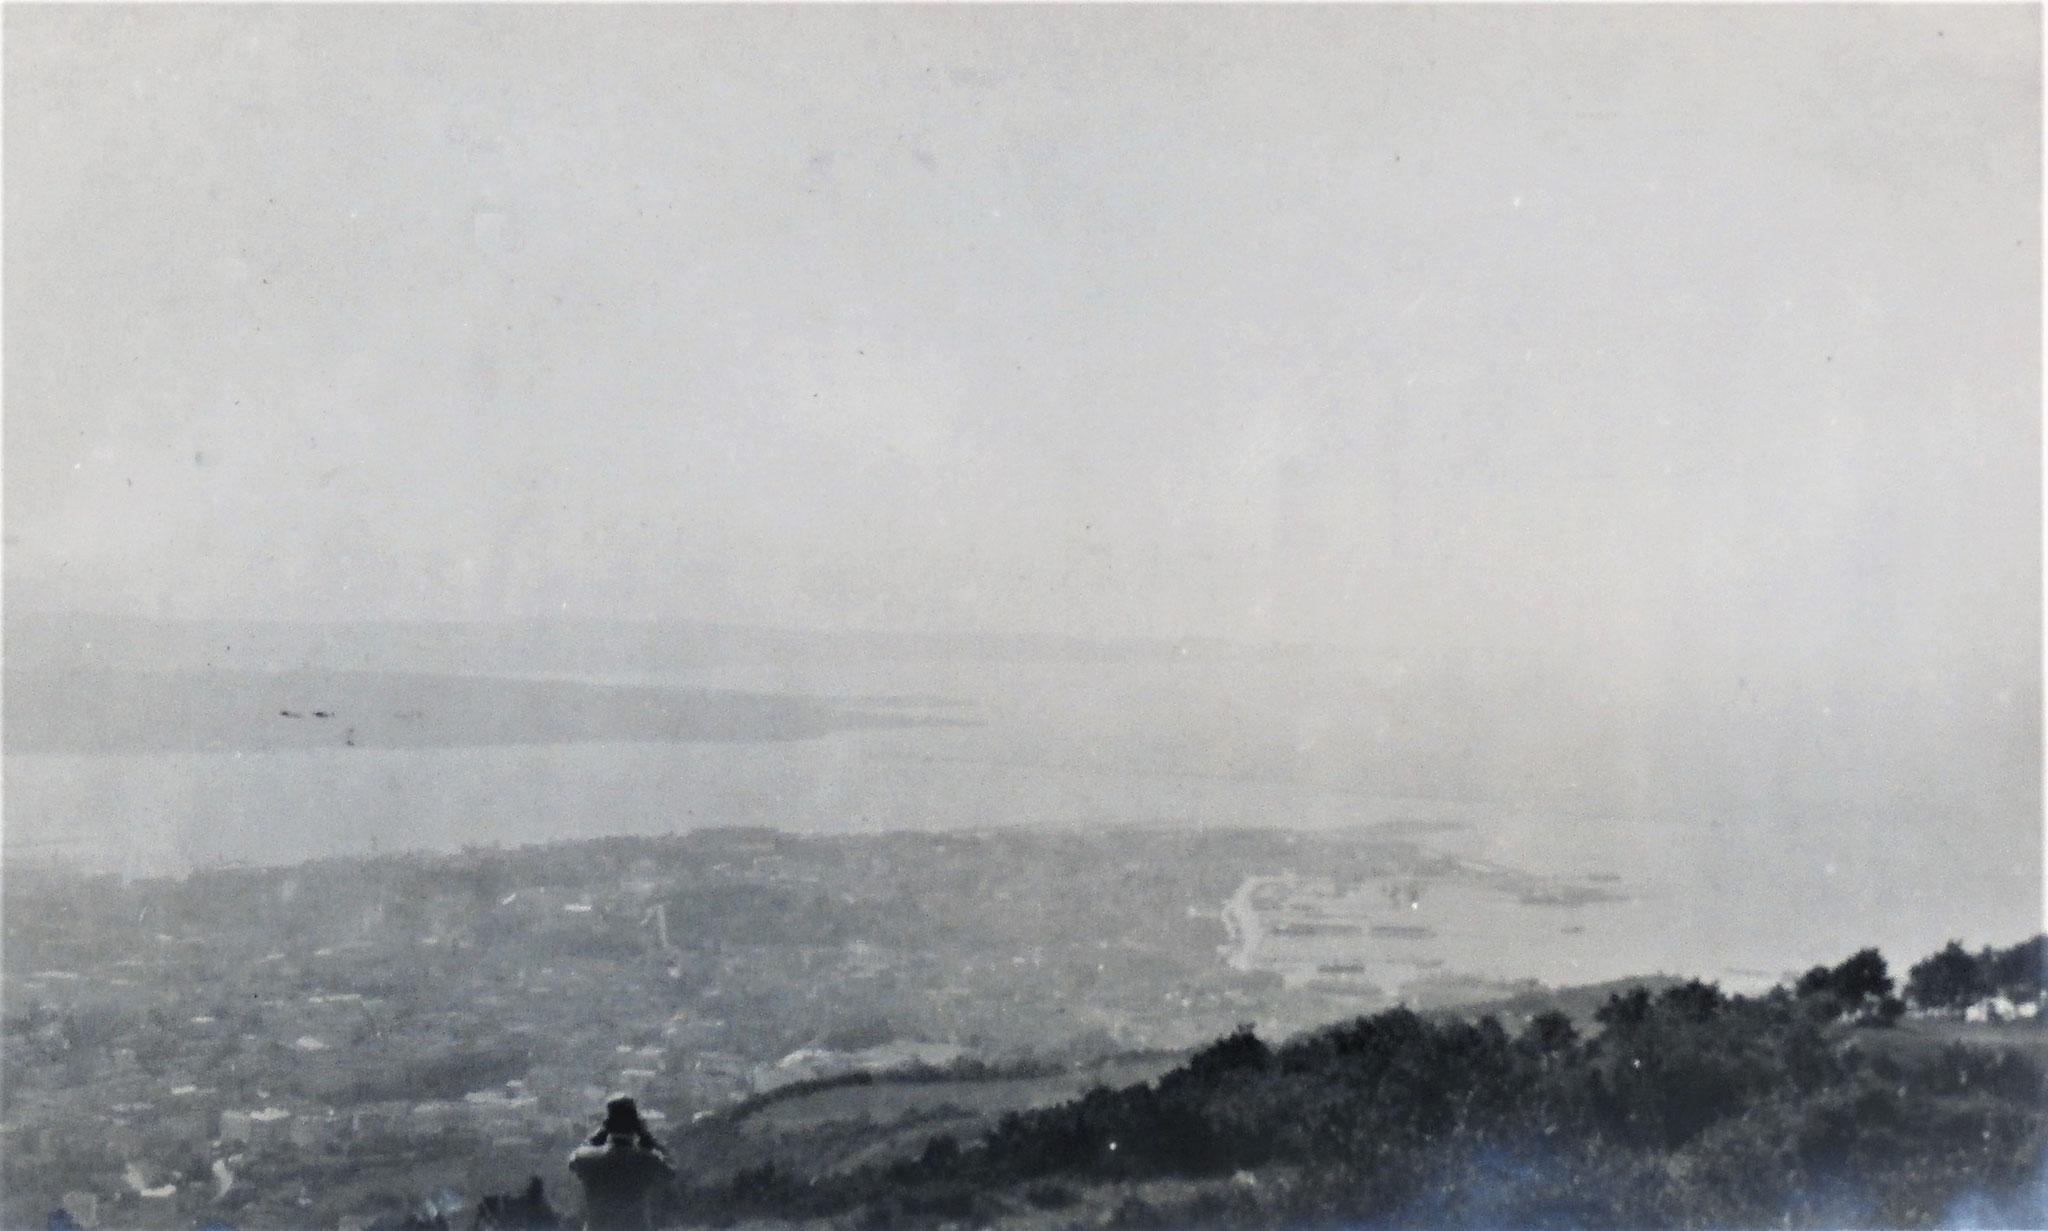 Golf von Triest, dahinter Capo d'Istria u. Isola, ganz rückwärts die Bucht Pirano, am Horizont Cap Salvore